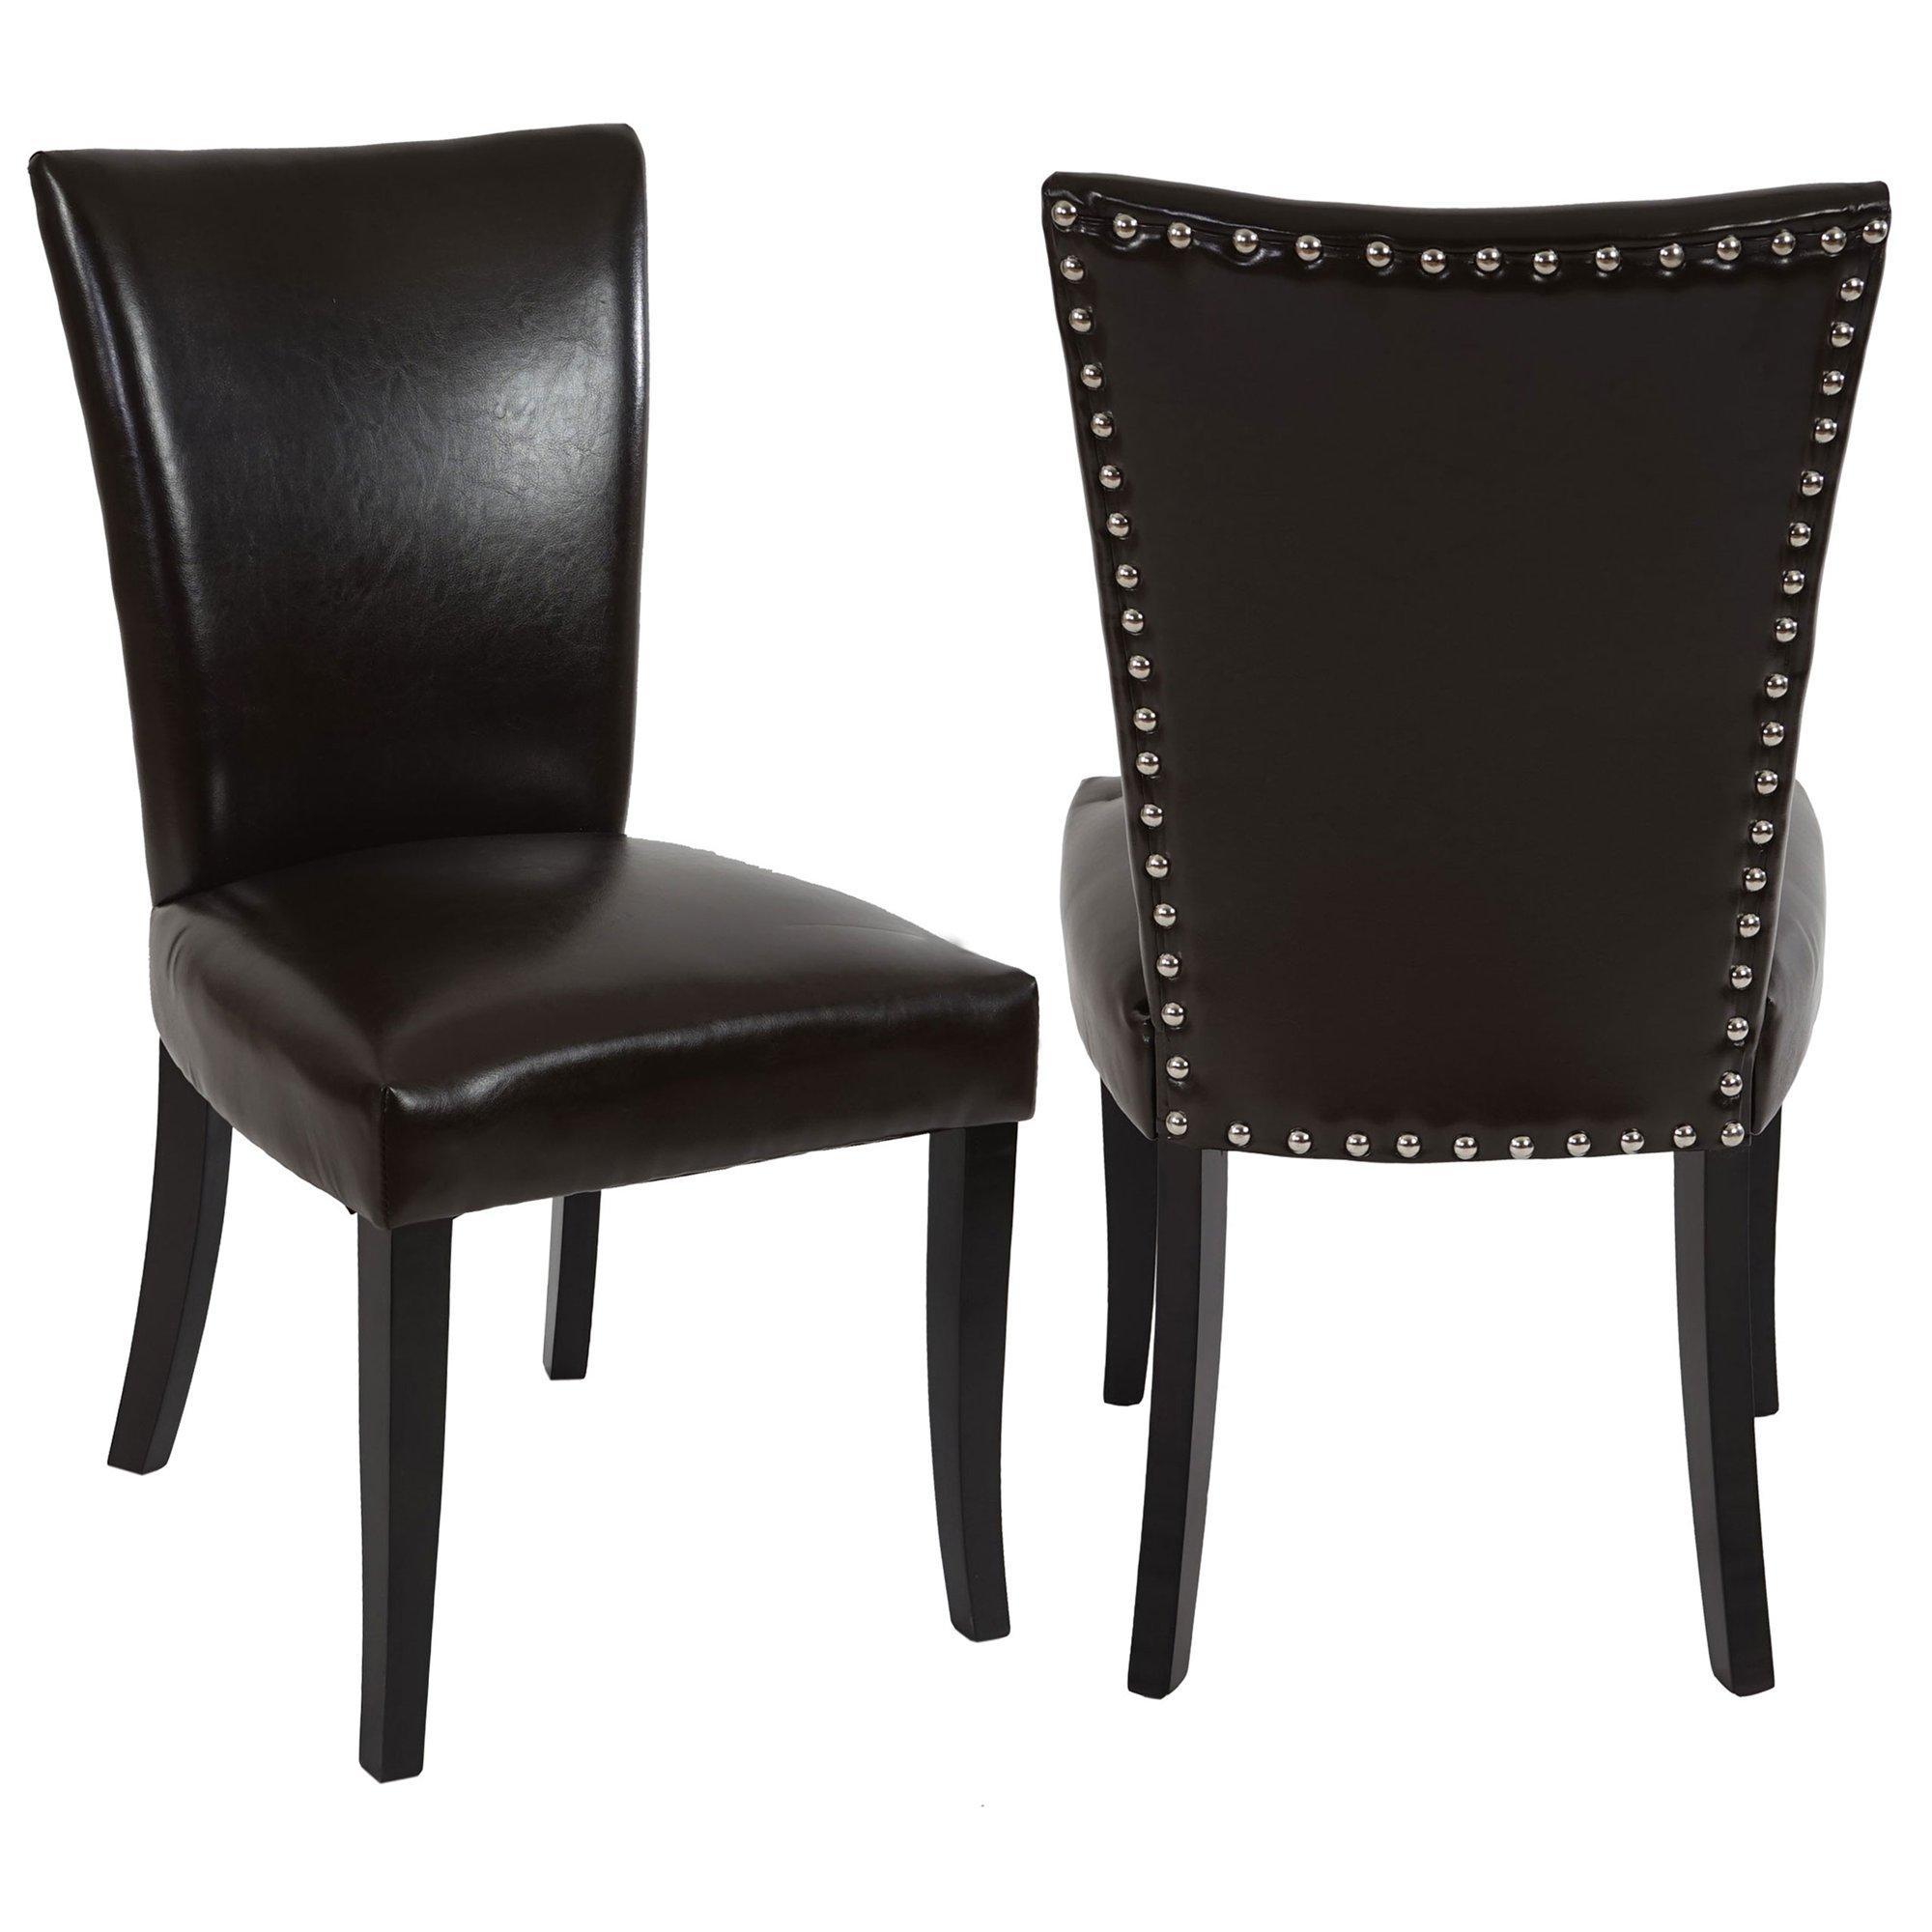 Lote de 2 sillas de comedor augusto piel marr n y patas for Sillas de cuero para comedor